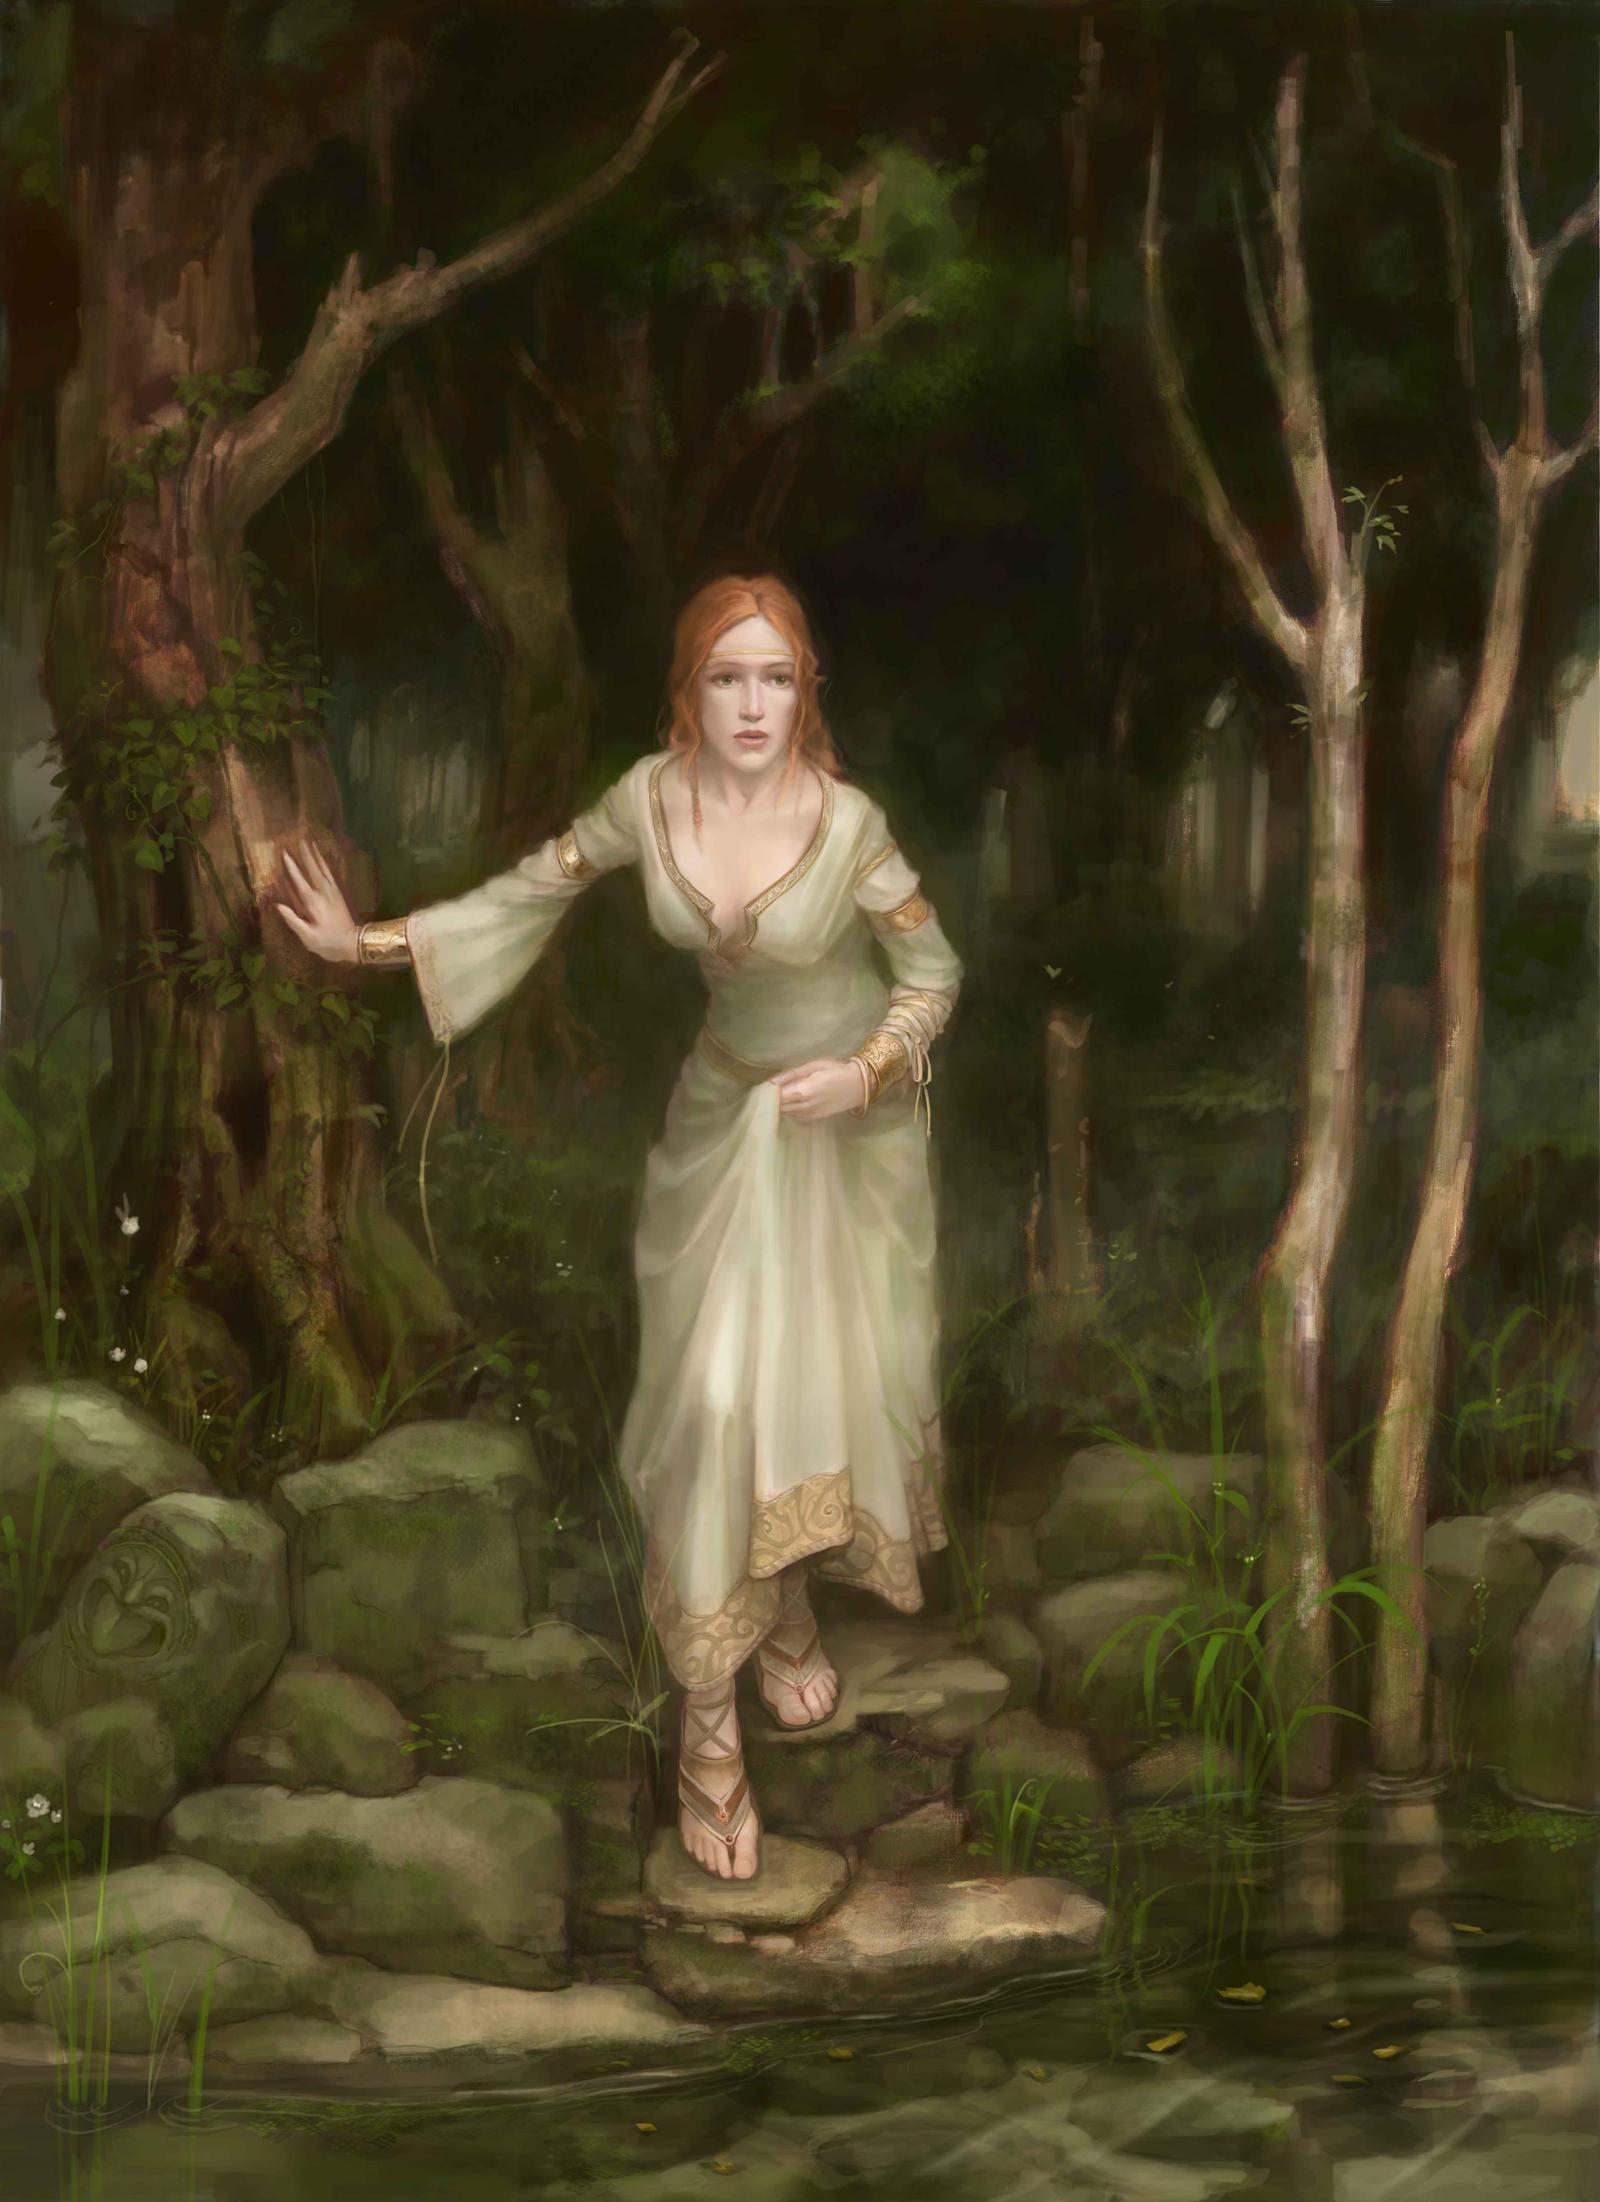 http://fc03.deviantart.net/fs42/i/2010/281/3/5/deep_in_the_woods_by_greenviggen-d1xlfkp.jpg